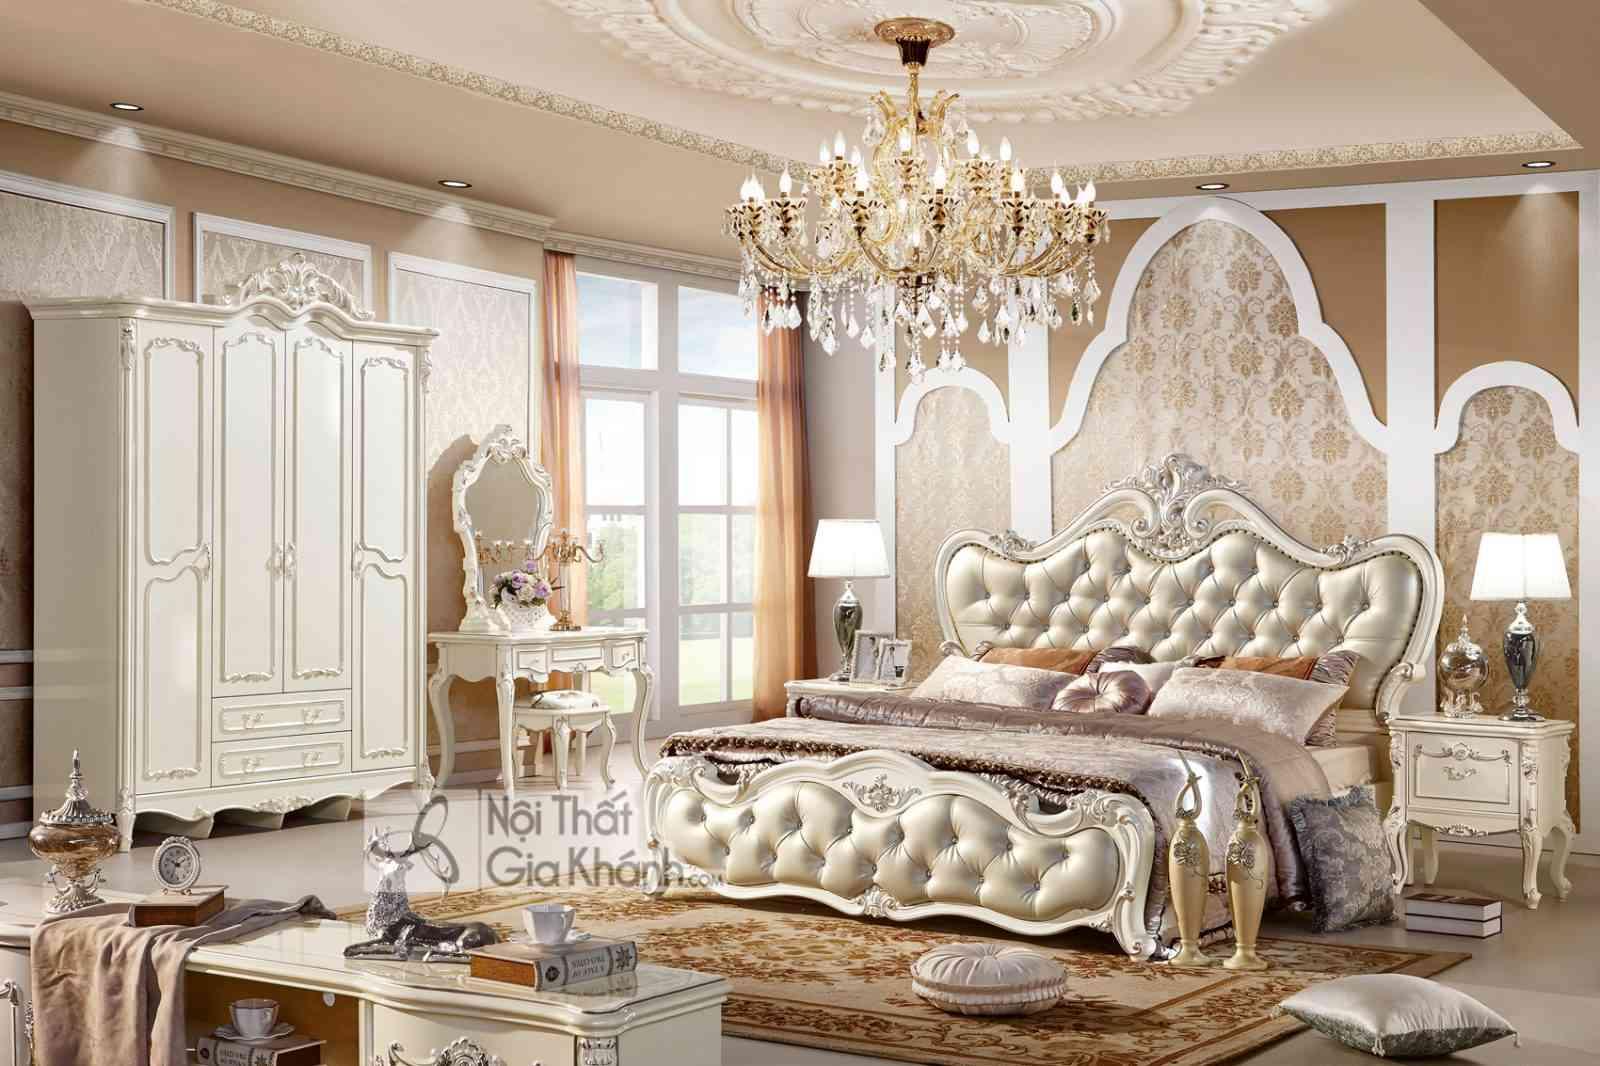 Giường ngủ tân cổ điển màu trắng ngọc trai thương hiệu French White GI8802H